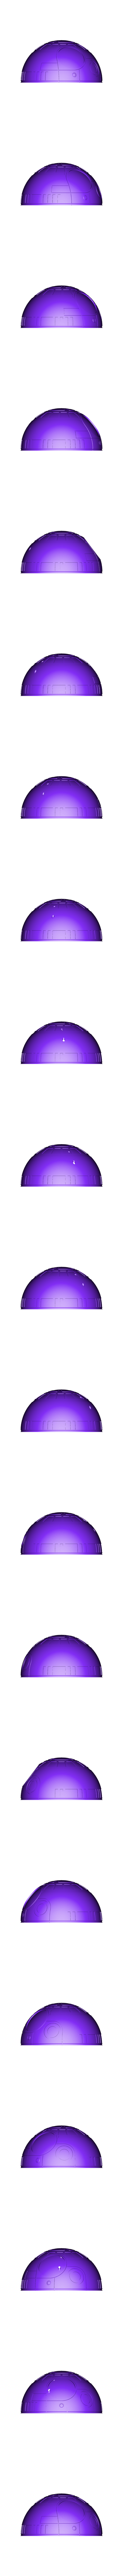 datou.STL Download free STL file BB-8 • 3D printable template, 3DP_PARK